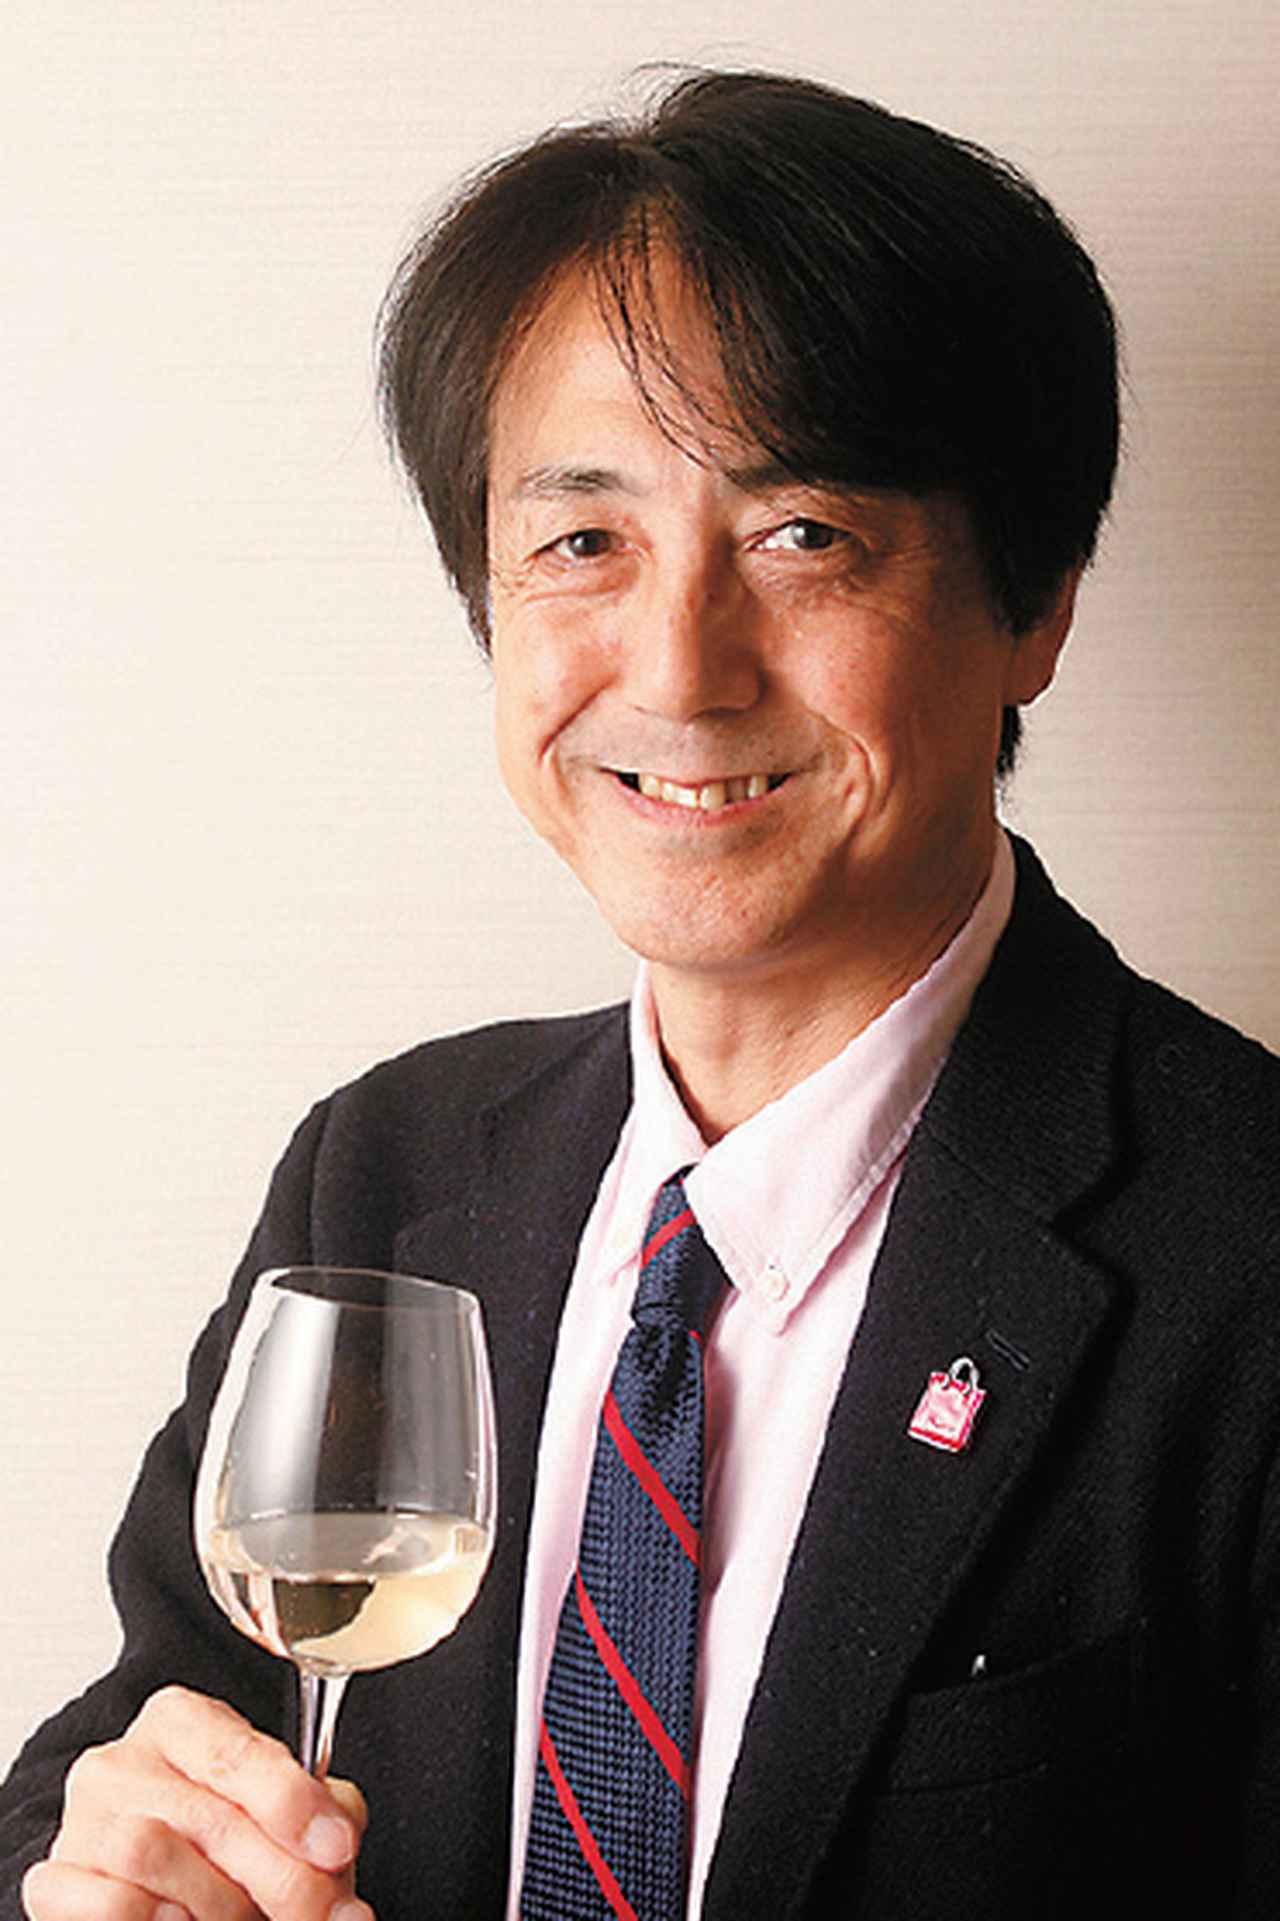 画像: 川邉久之氏 エノログ(ワイン醸造技術管理士)。ナパ・ヴァレーと日本での醸造経験を持ち、現在は日本でコンサルタントなどとして活躍中